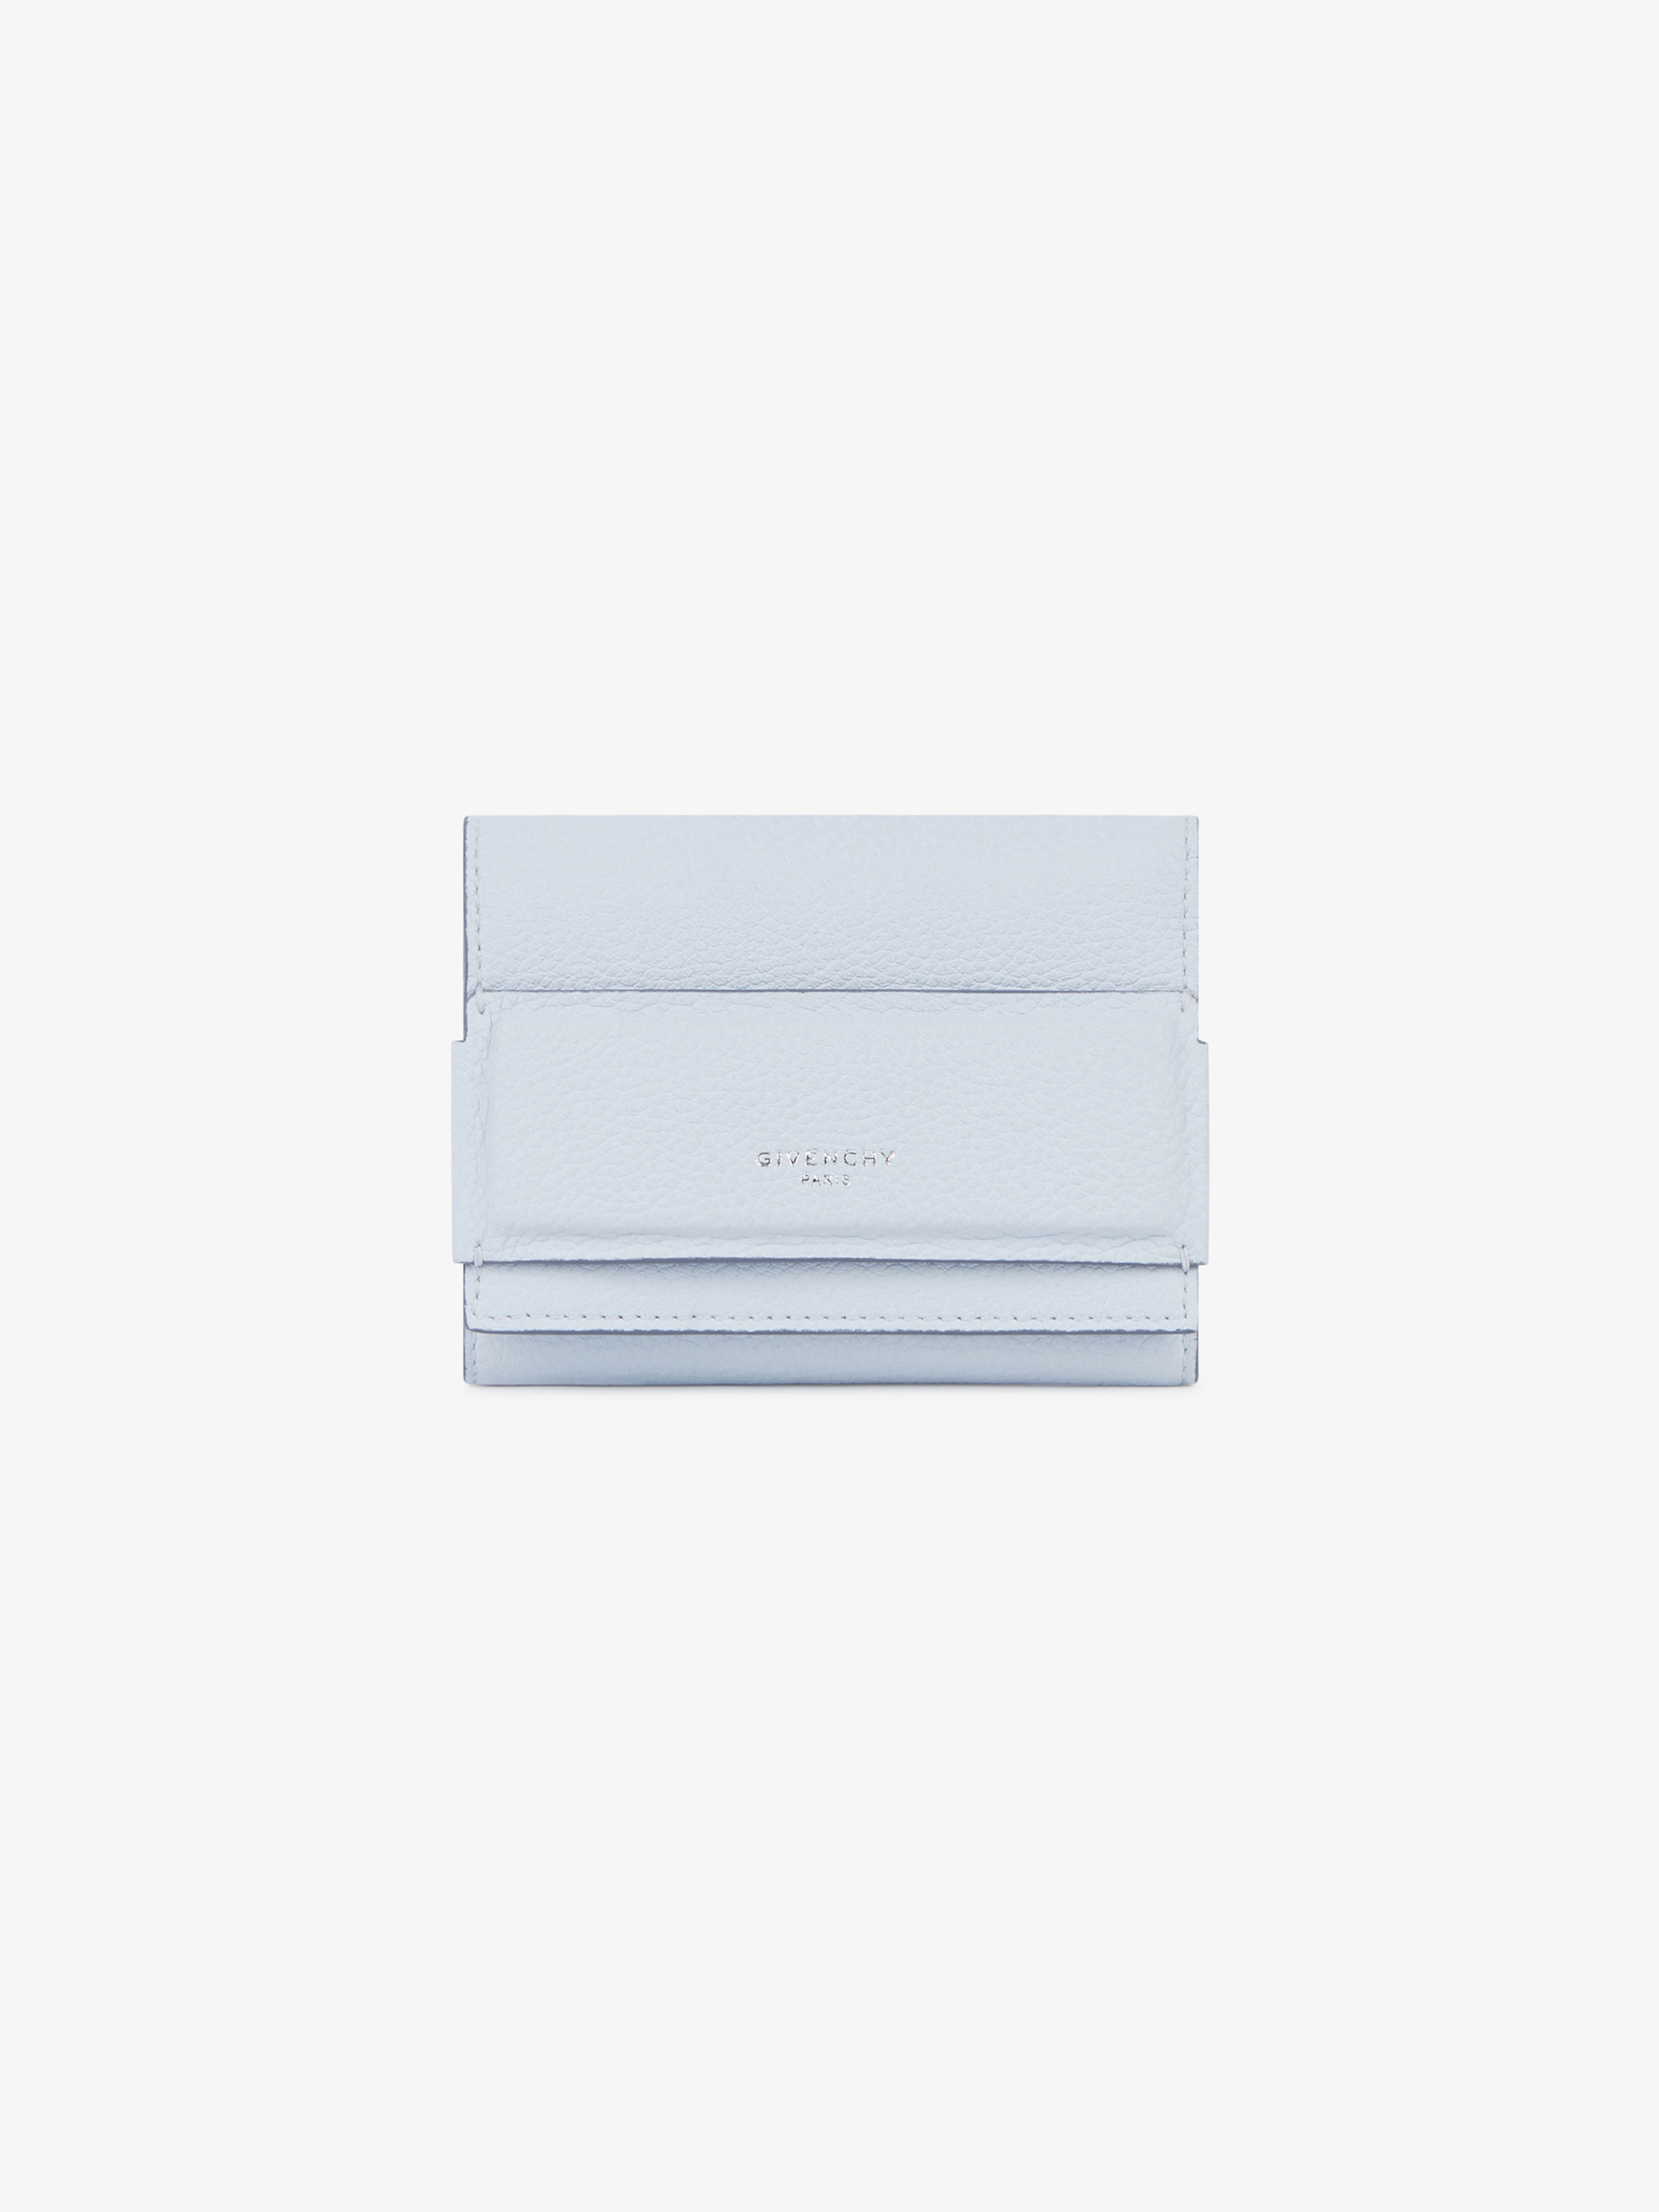 Horizon trifold wallet